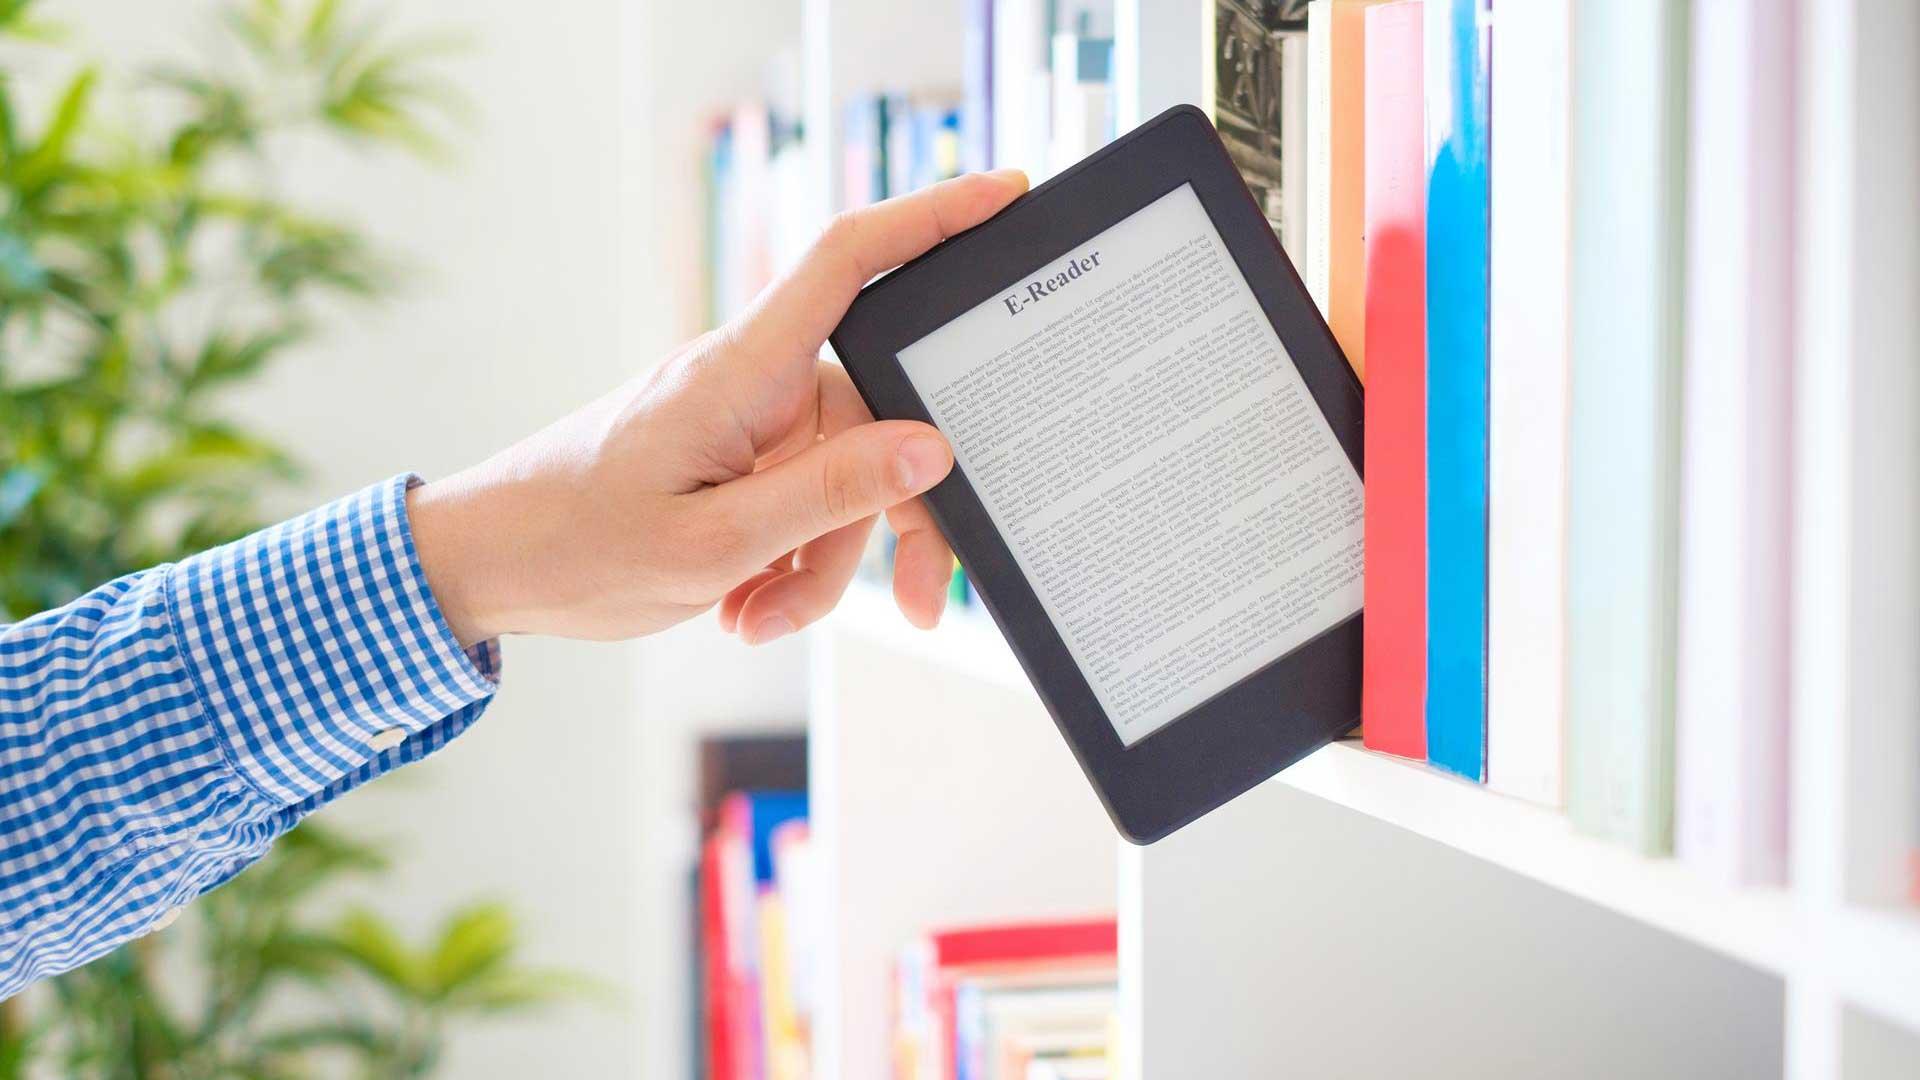 Buy Your Book Online